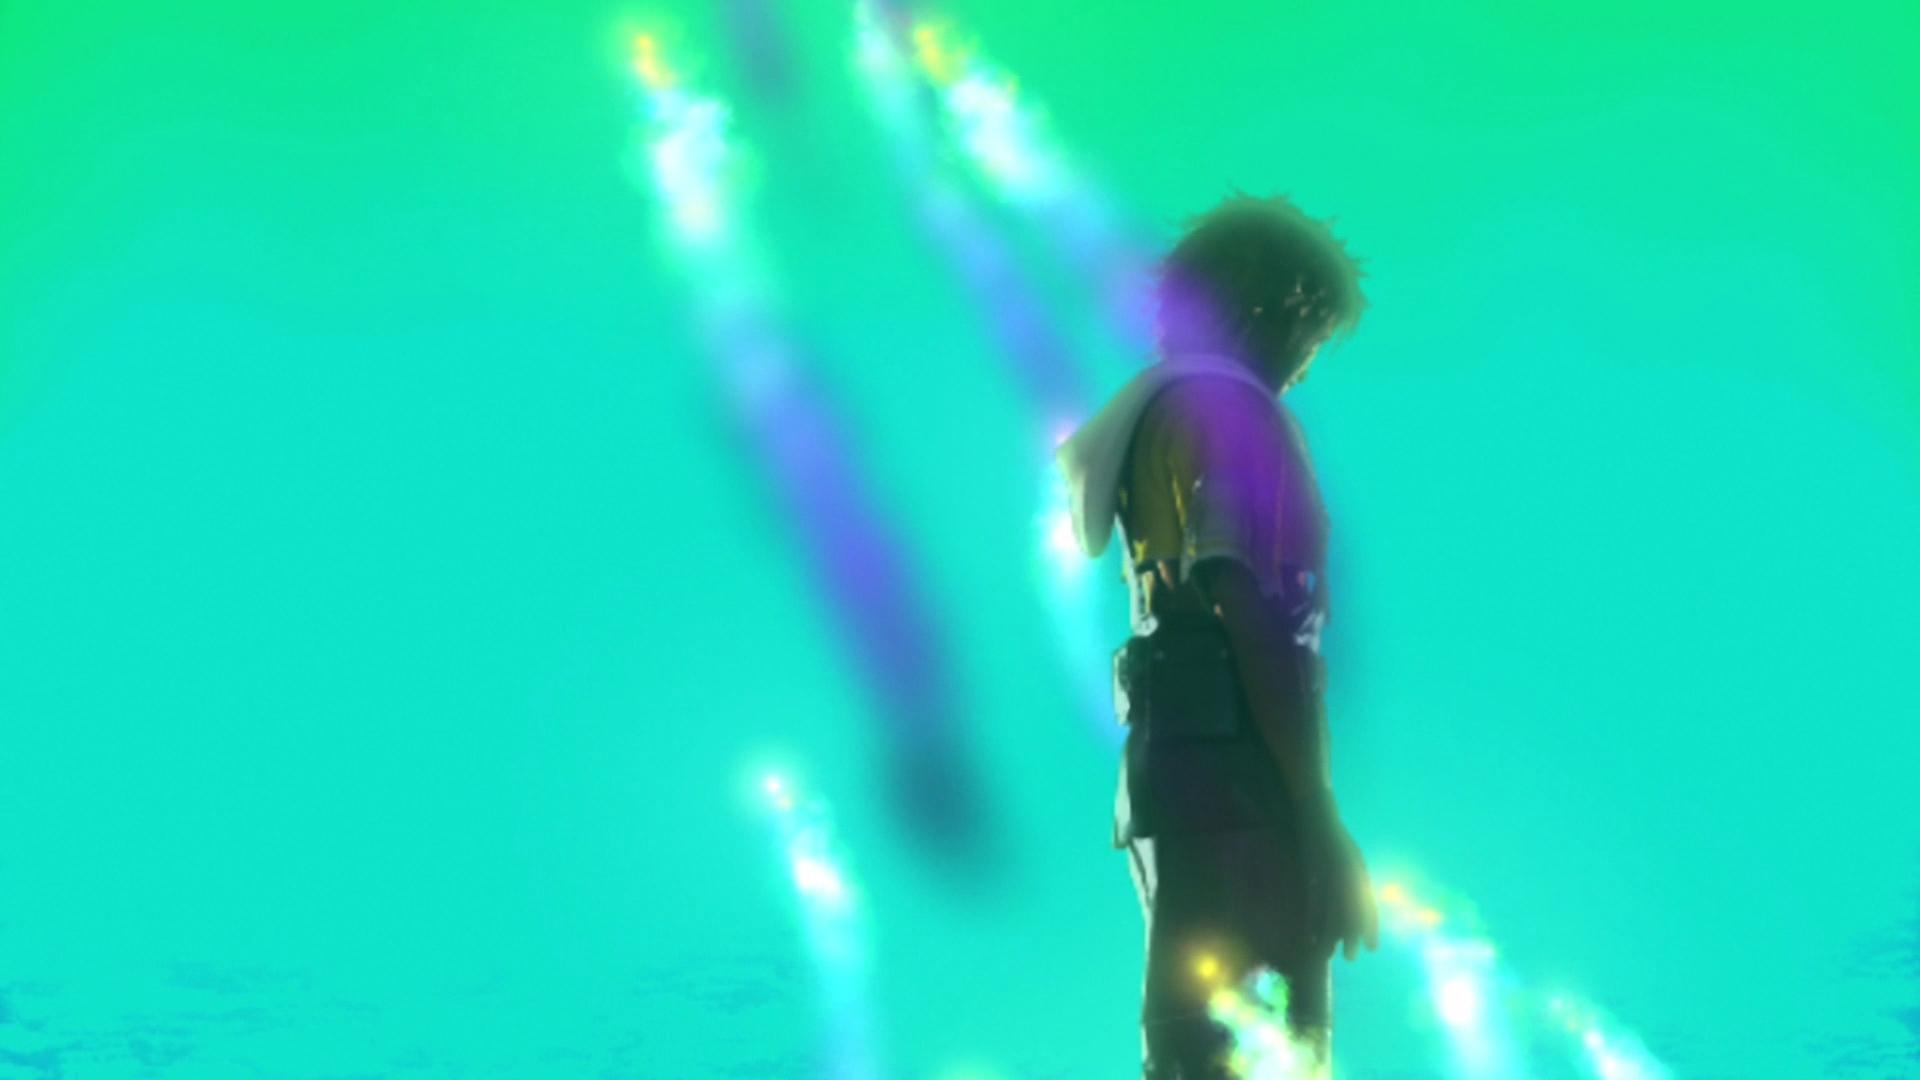 Final Fantasy X HD wallpaper Tidus 3